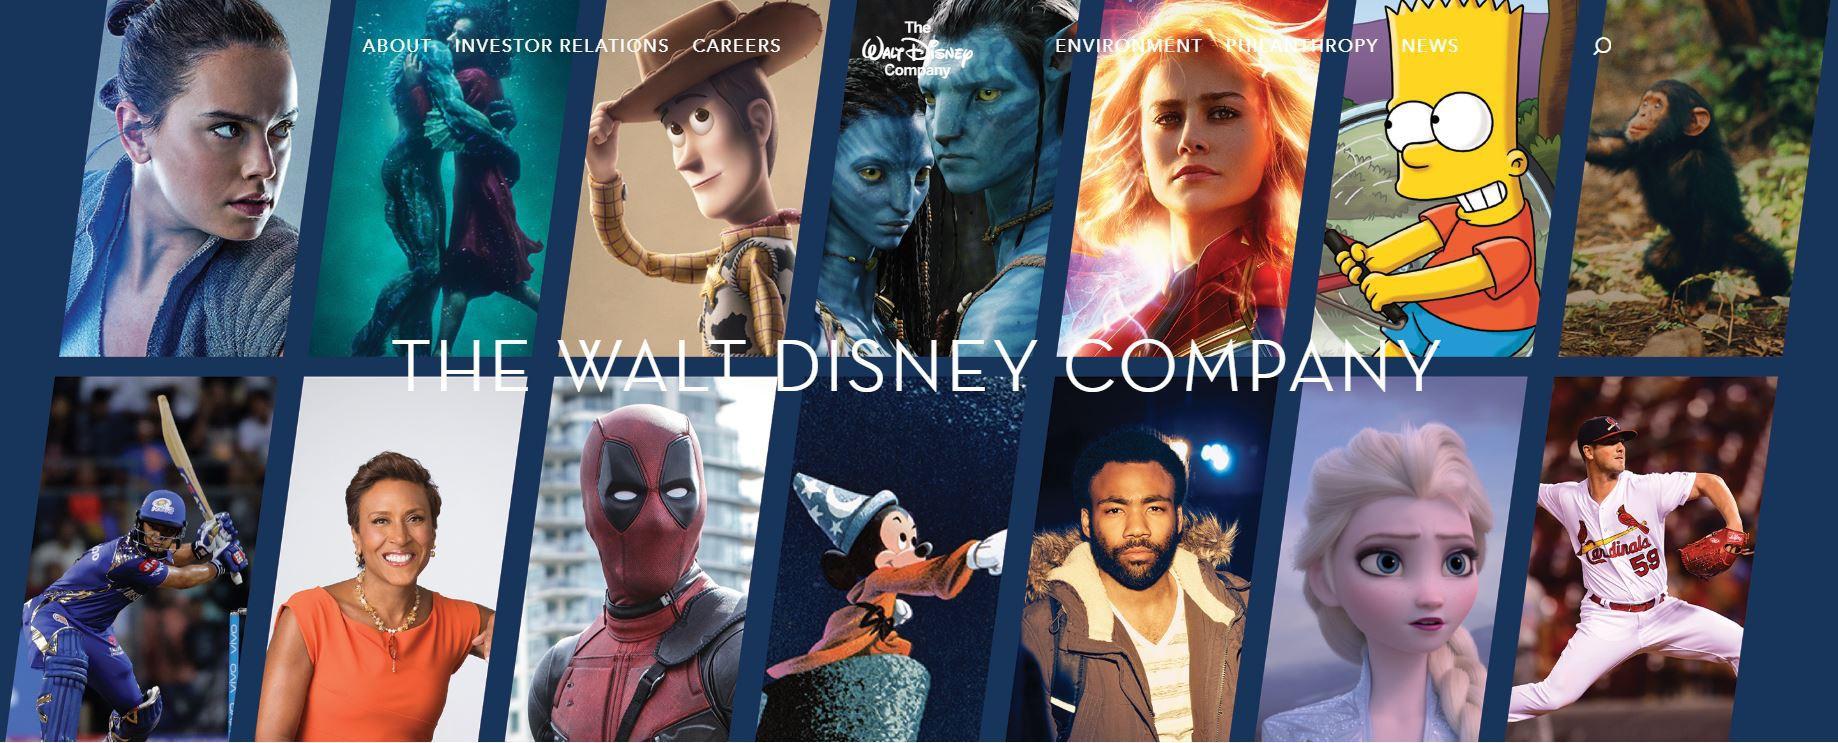 fox, disney - photo 1 15531300811891250896977 - Hàng loạt phim đình đám nhà Fox về với trang chủ Disney ngay sau vụ sáp nhập bạc tỉ hoàn tất